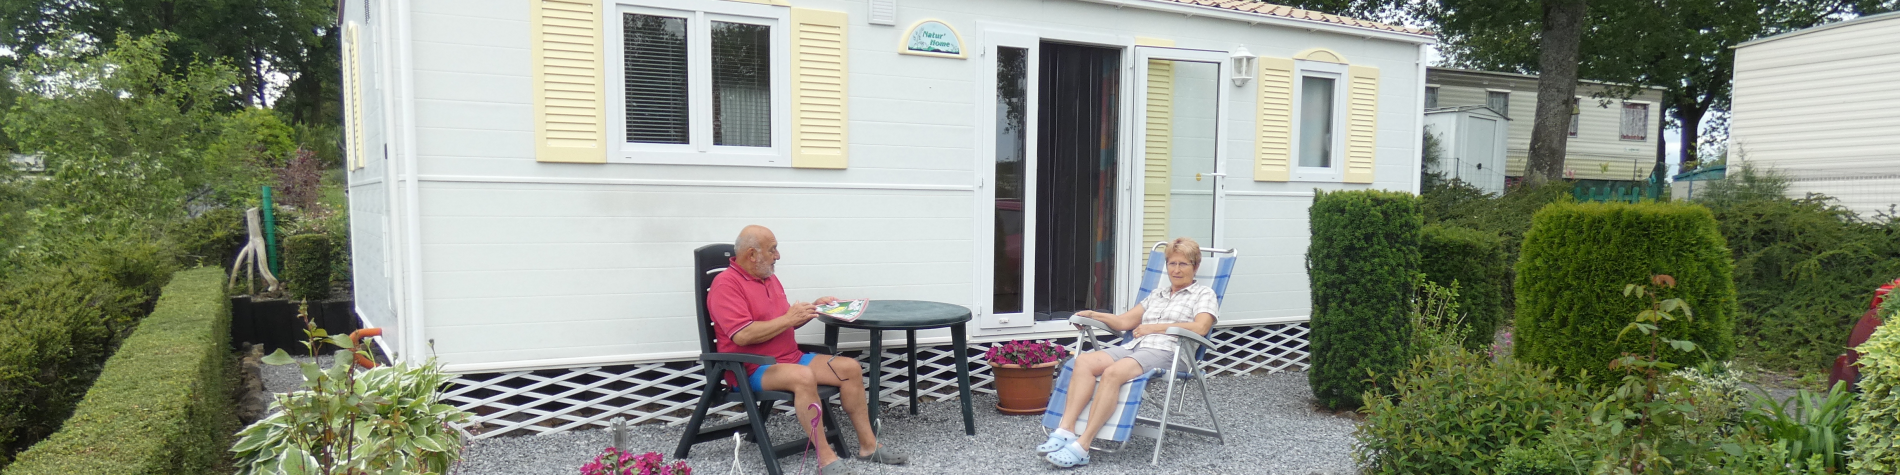 Ardinam - Olloy-sur-Viroin